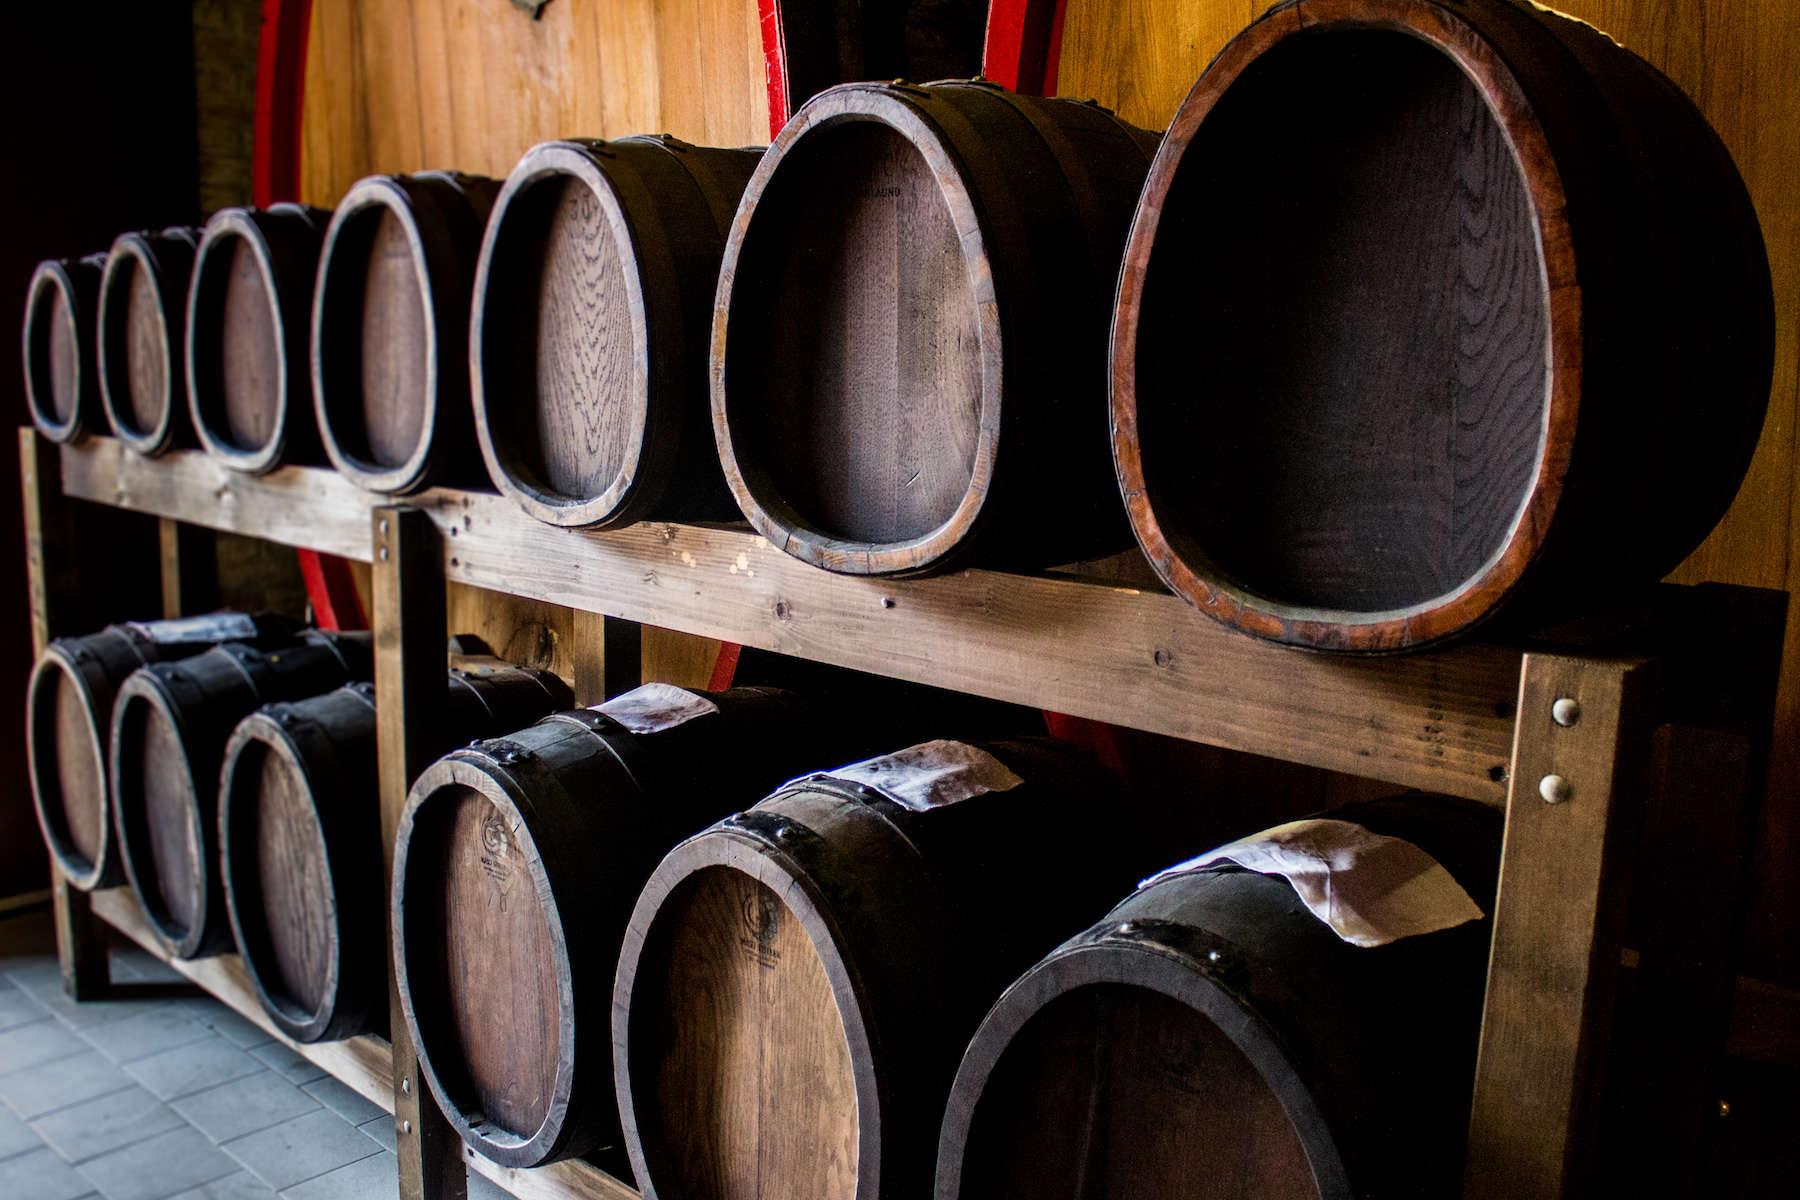 To batteria med henholdsvis seks og syv tønder. Tønderne er hver især af forskellige træsorter, der hver bidrager til den unikke balsamico-smag.